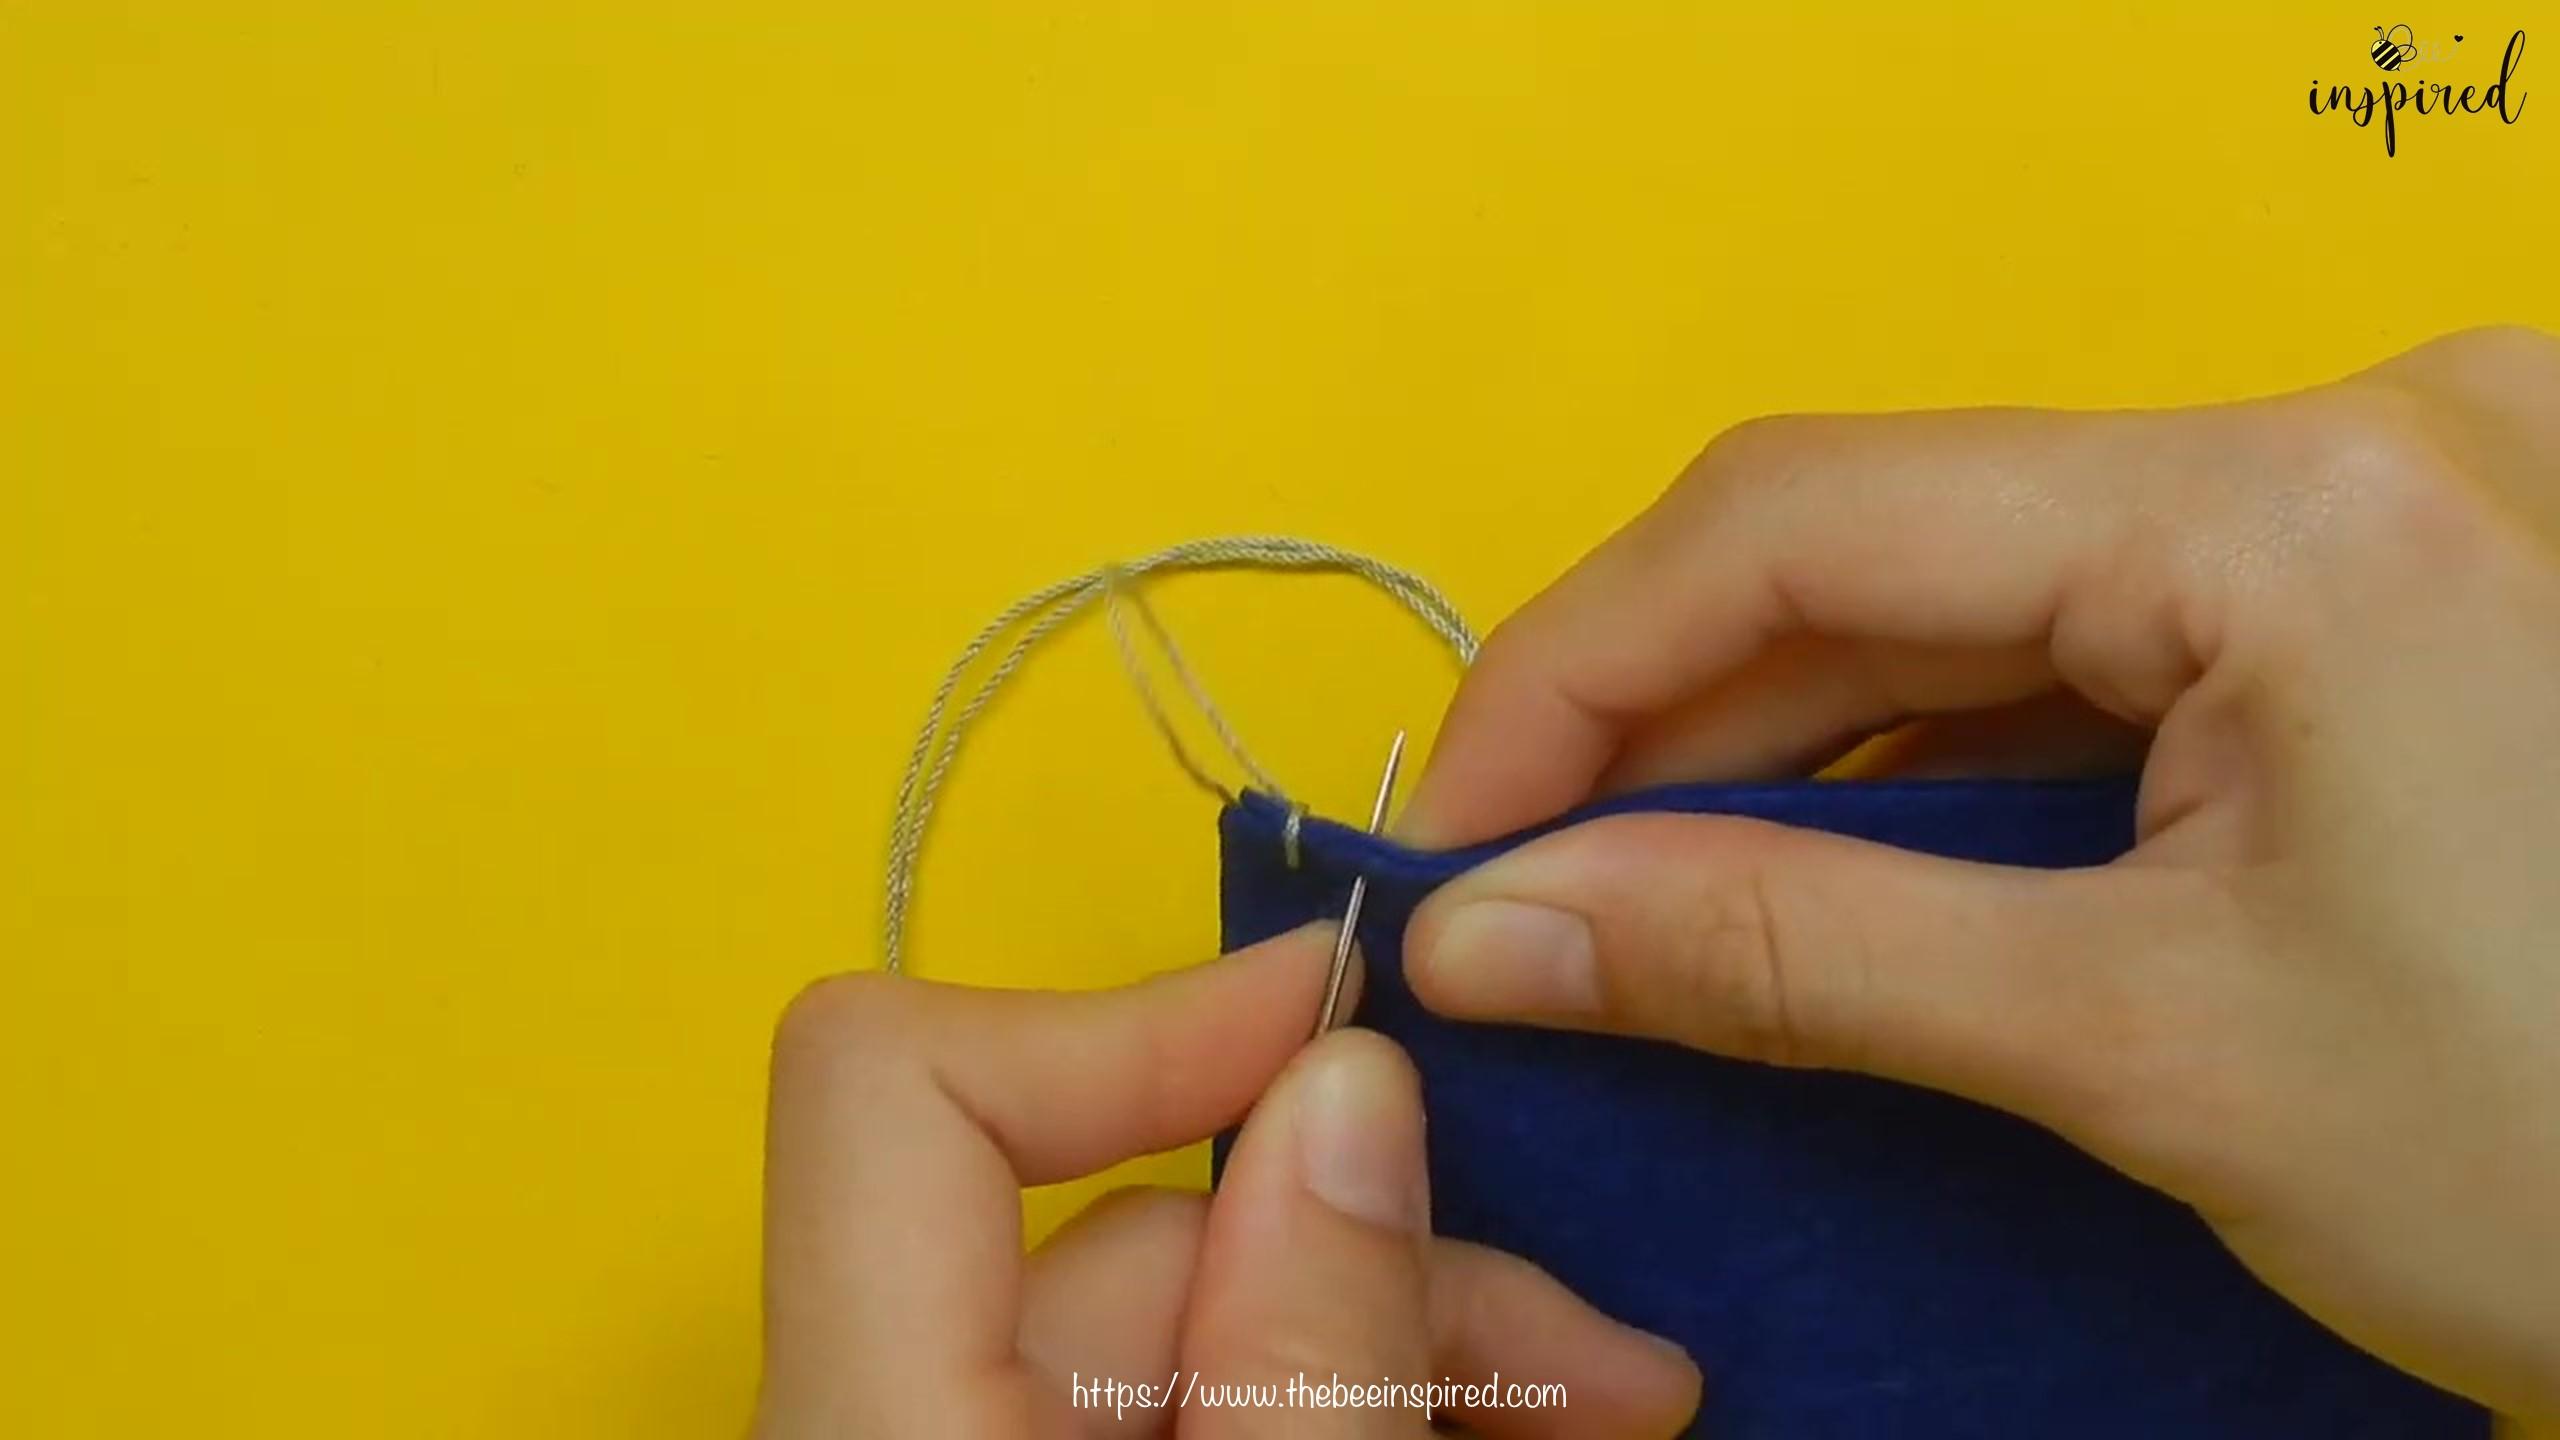 วิธีการเย็บลายปักริมผ้าห่ม (How to Sew a Blanket Stitch) _ วิธีเย็บเก็บริมผ้าโดยไม่ใช้จักรโพ้ง_8